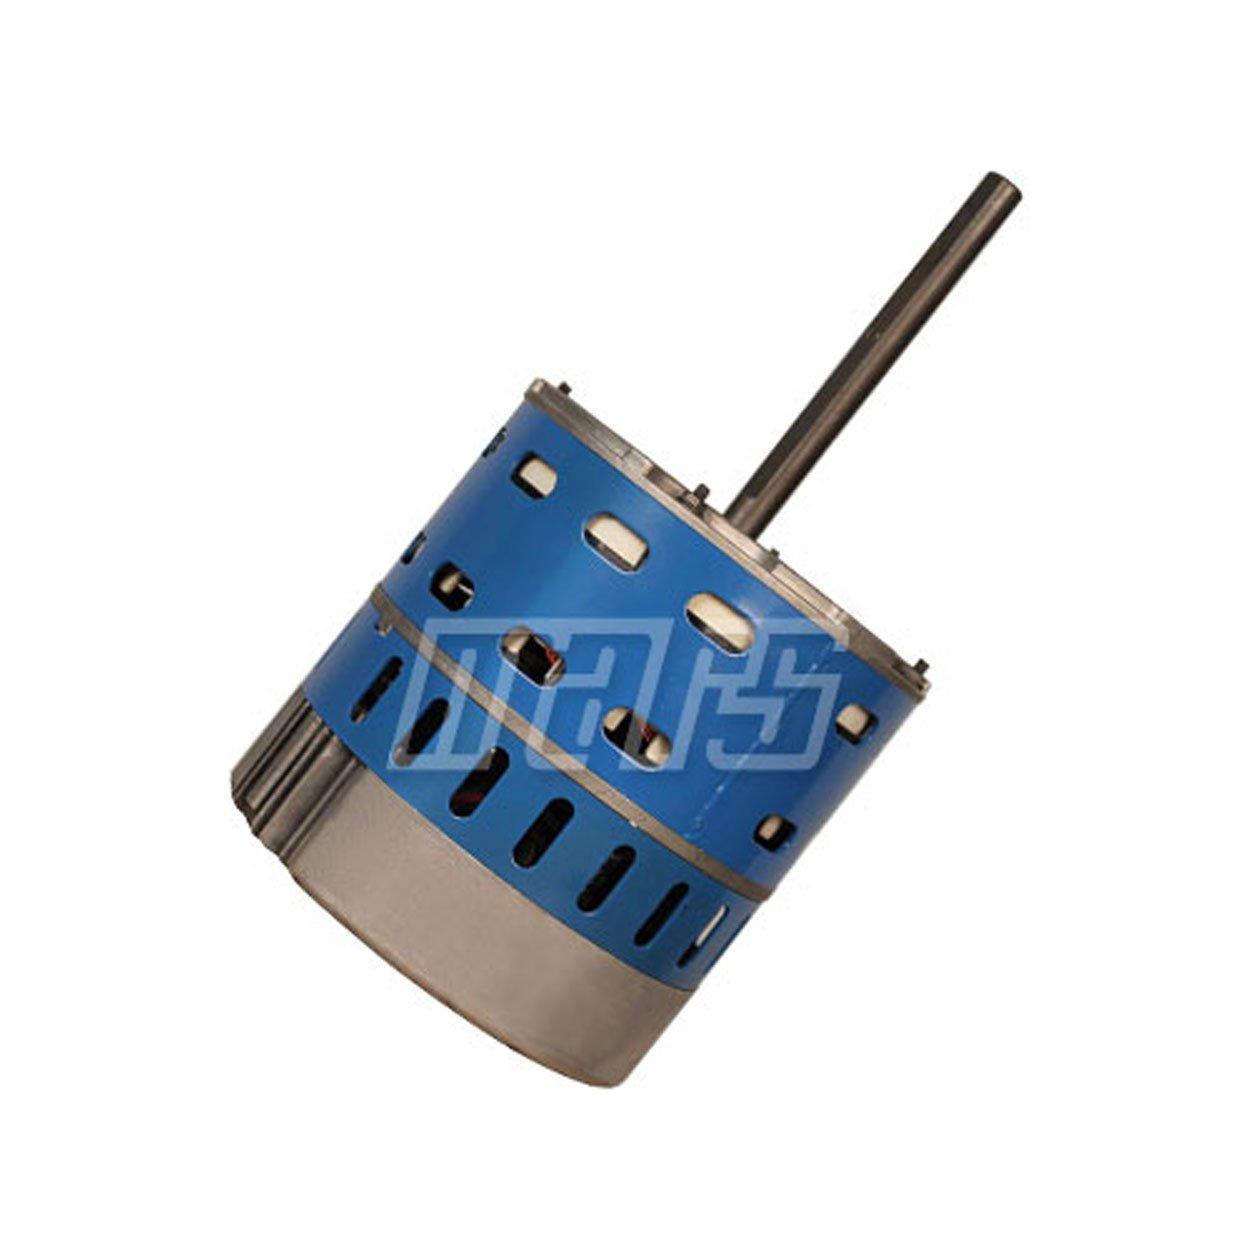 Mars 10800 Azure HVAC Blower Digi Motor, 1/3-1/2 HP - Hvac Controls ...